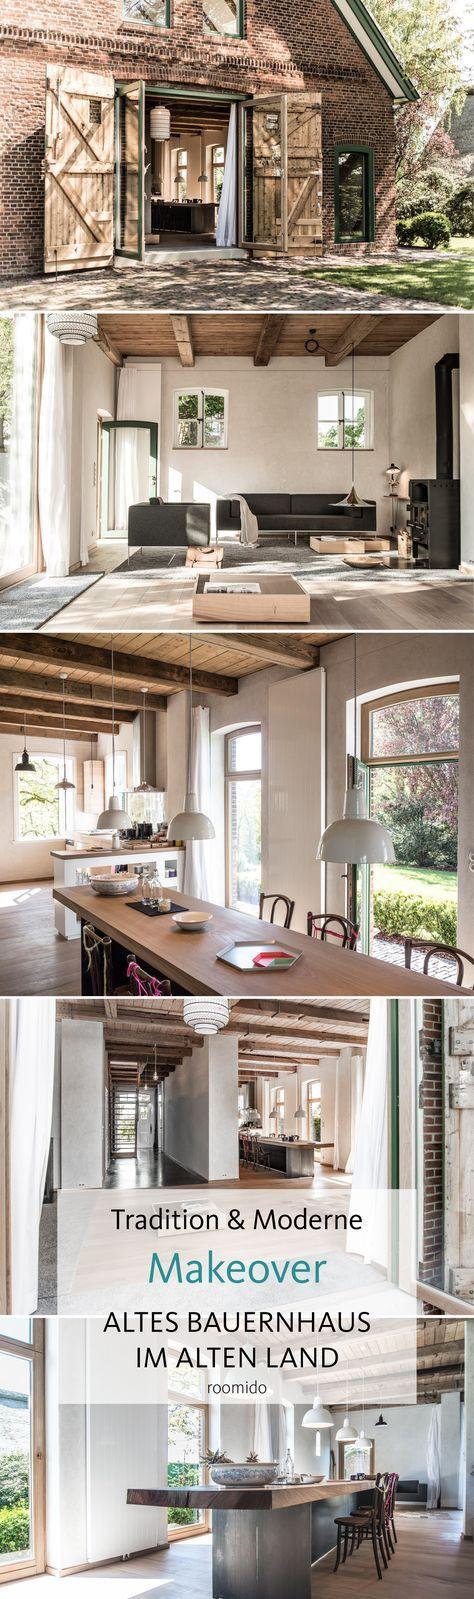 Liebevoll saniert Moderne Landhaus-Idylle bei Hamburg House - wohnzimmer modern landhaus